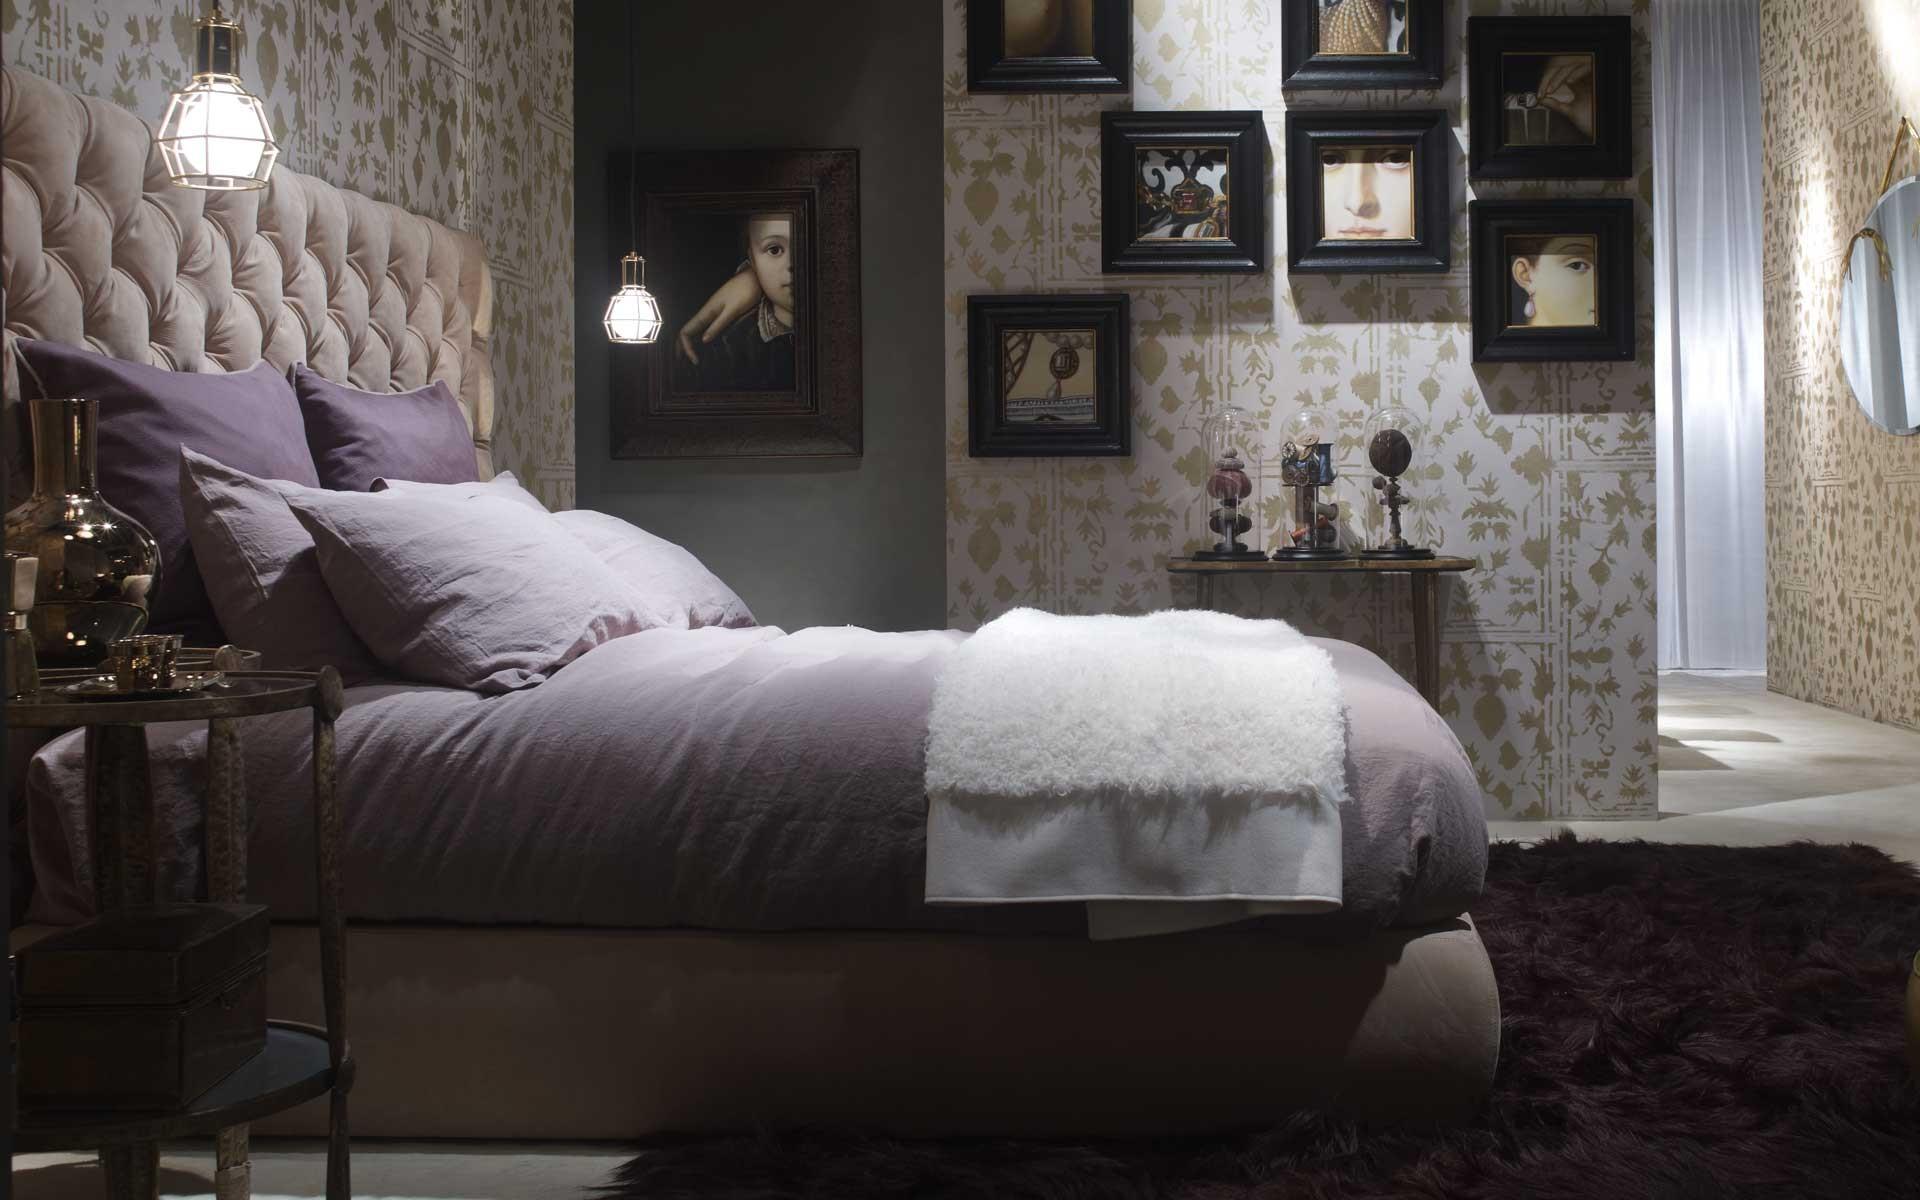 baxter heaven sommier bed. Black Bedroom Furniture Sets. Home Design Ideas